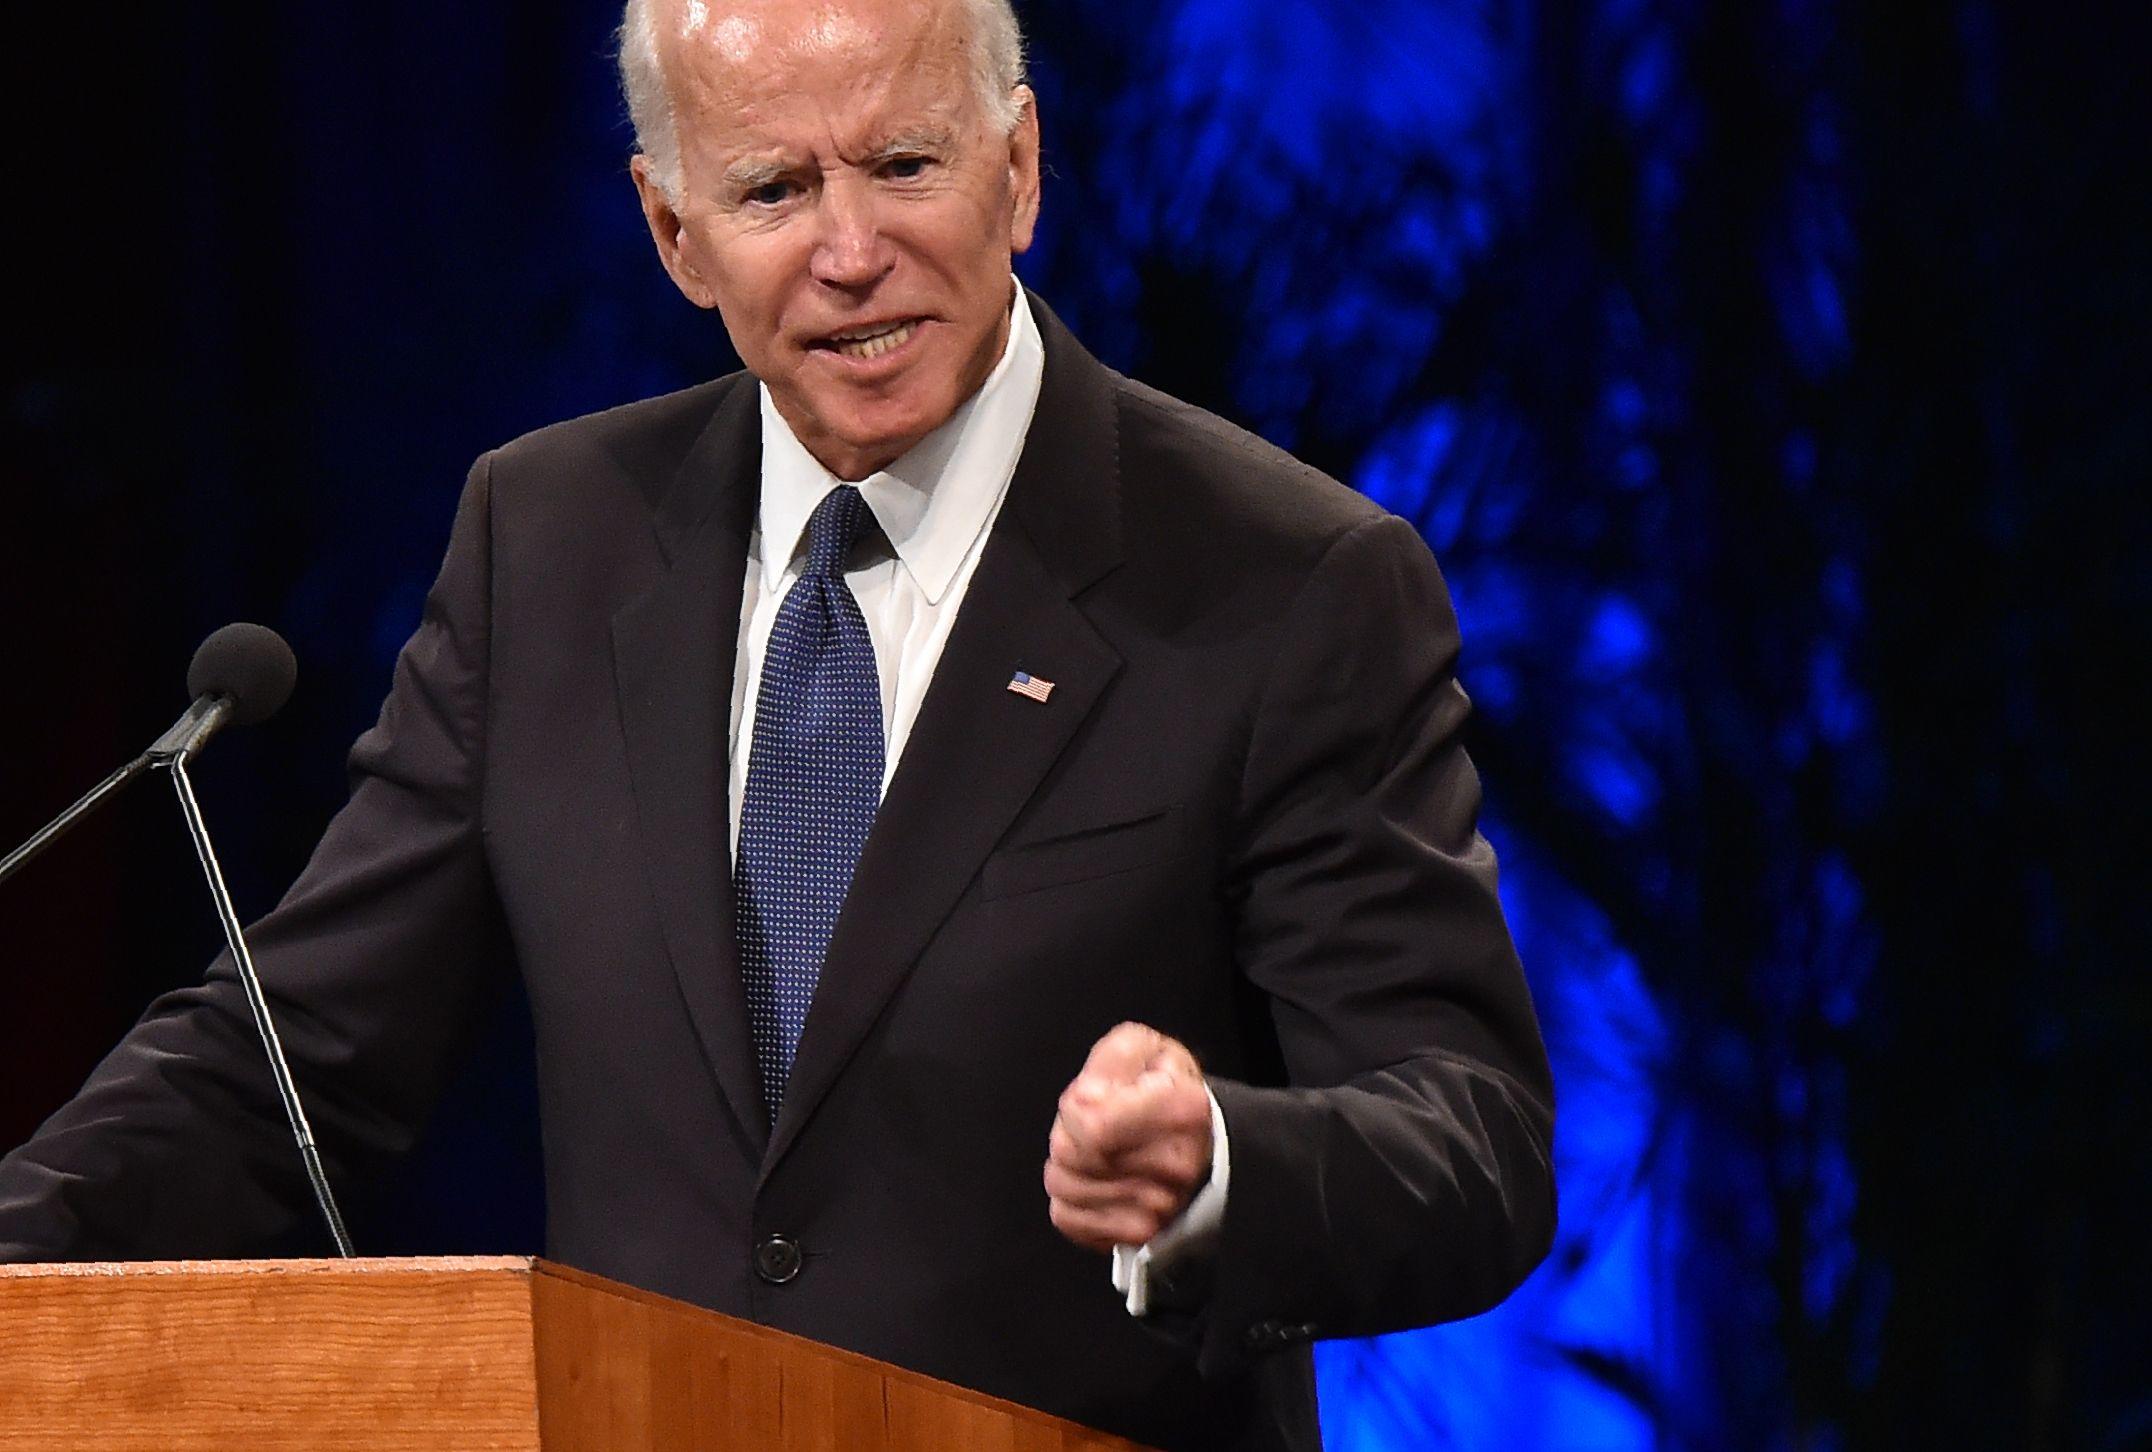 Joe Biden points and looks sad